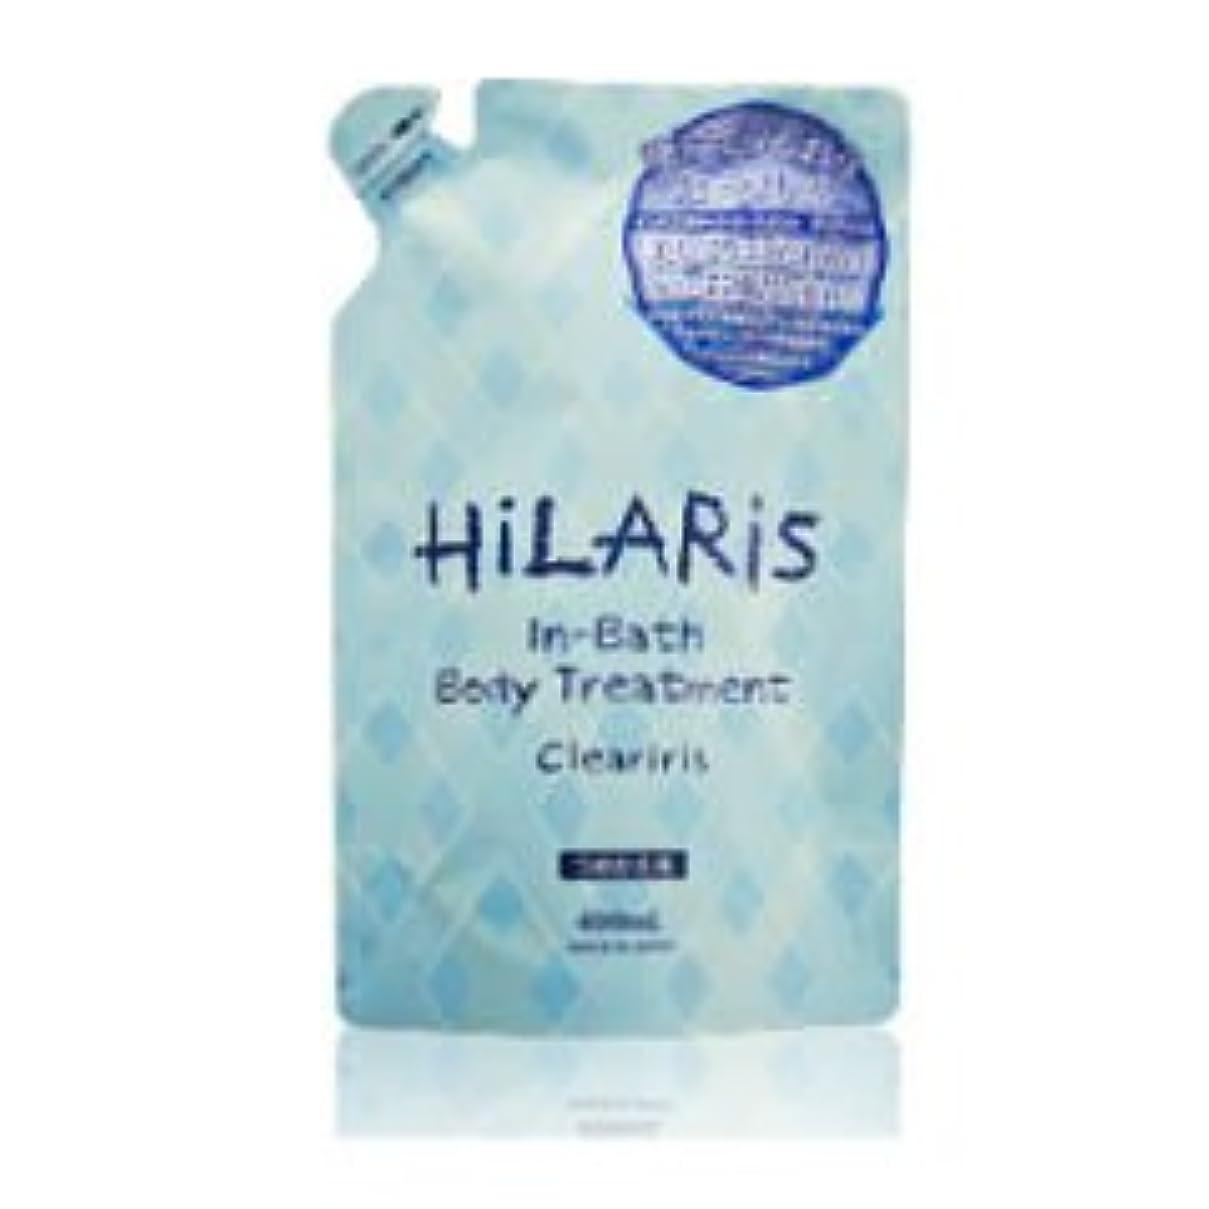 精緻化拍手シードヒラリス(HiLARiS)クリアイリスインバスボディトリートメント詰替